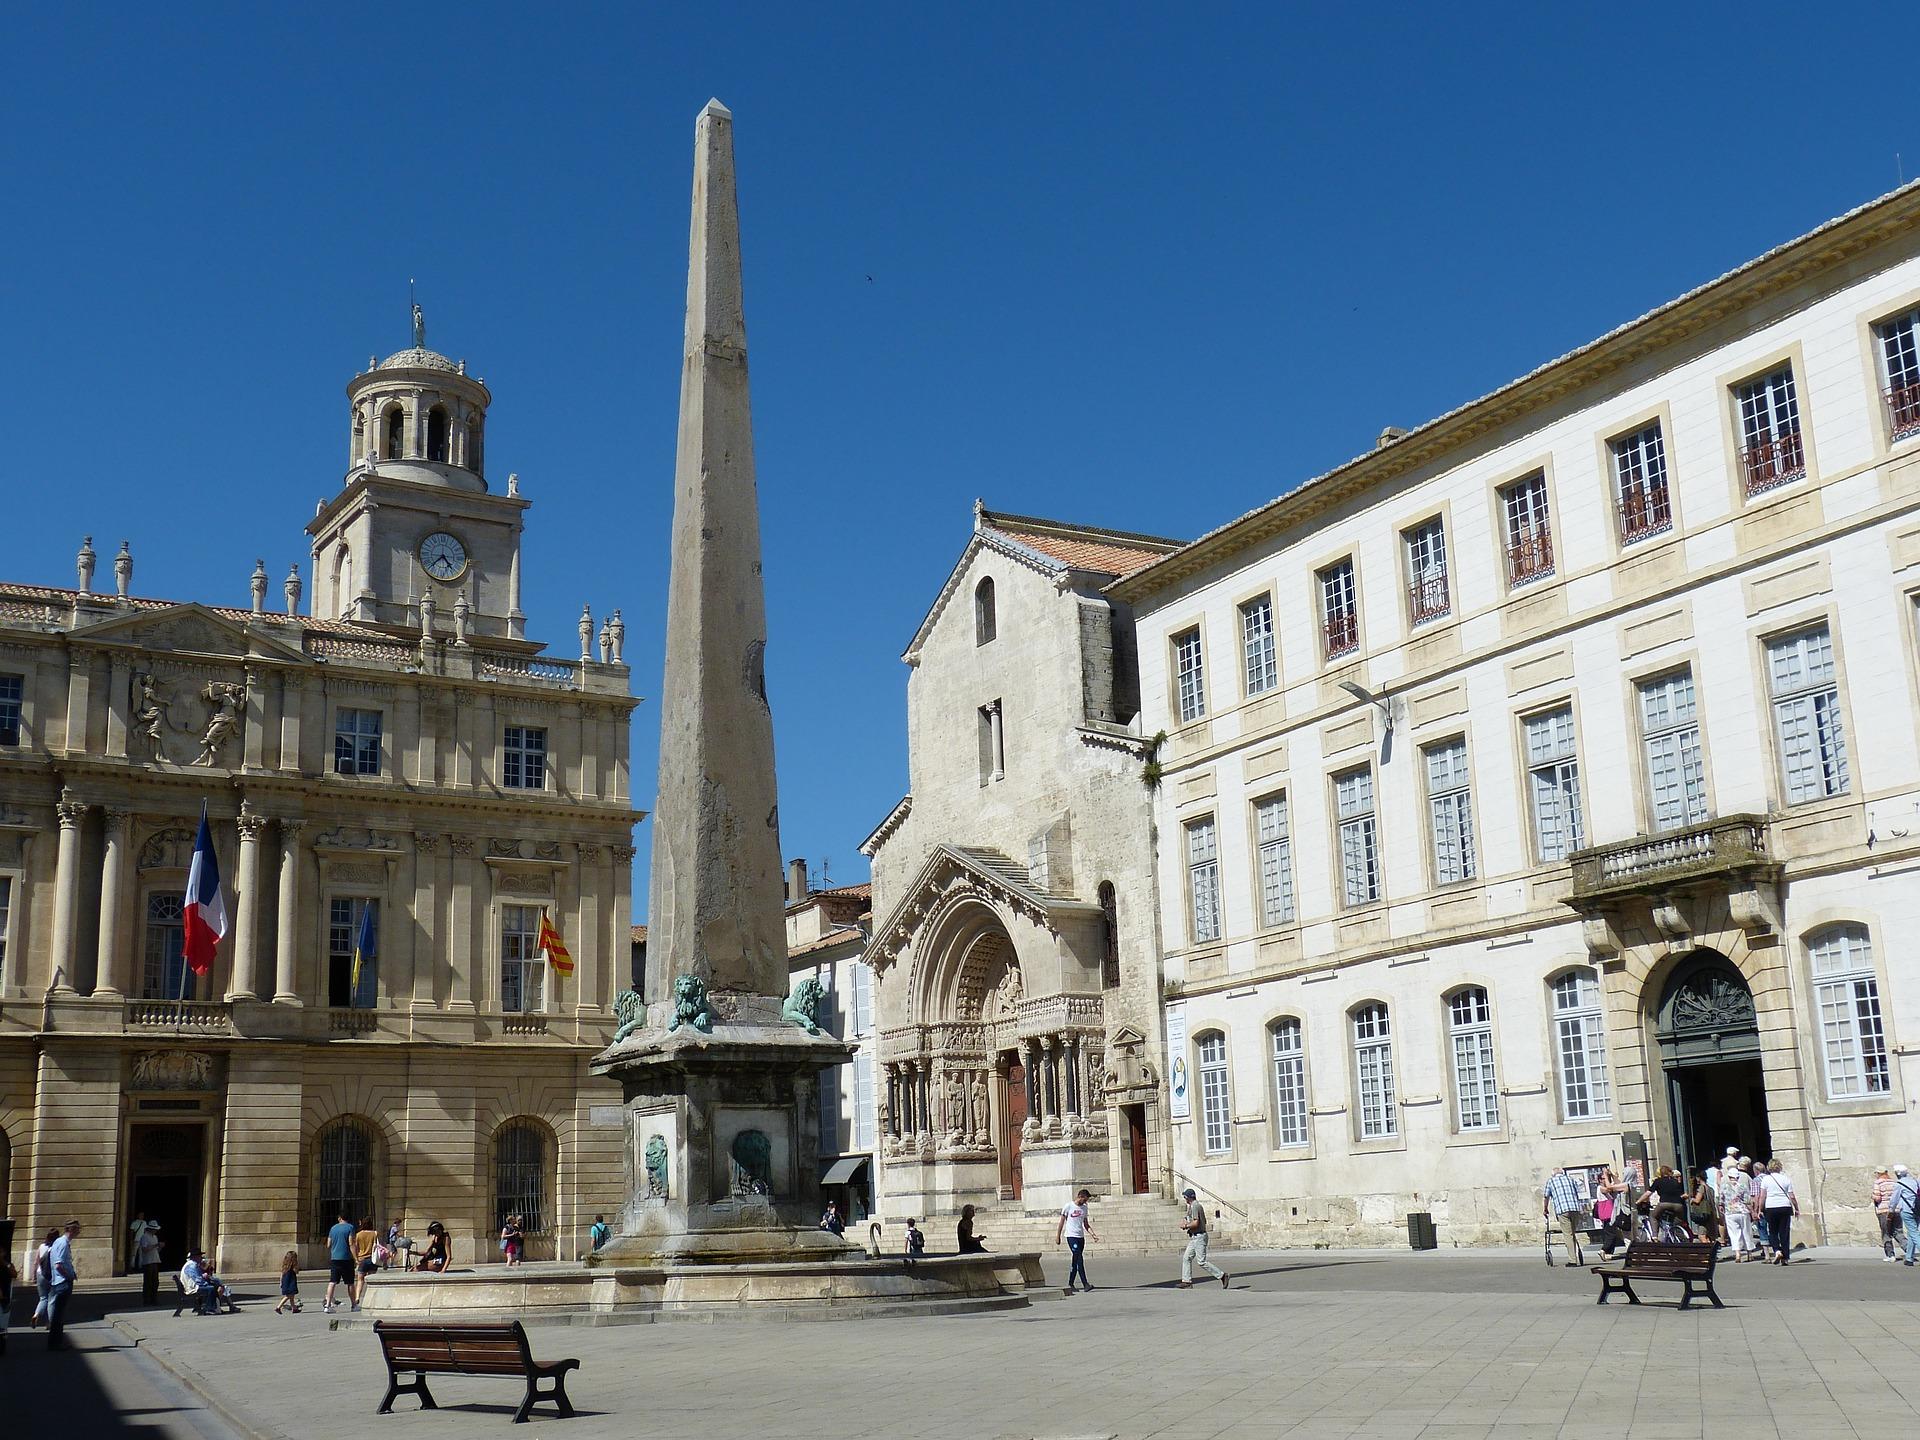 Place_de_la_R%C3%A9publique_Arles.jpg?1542115315